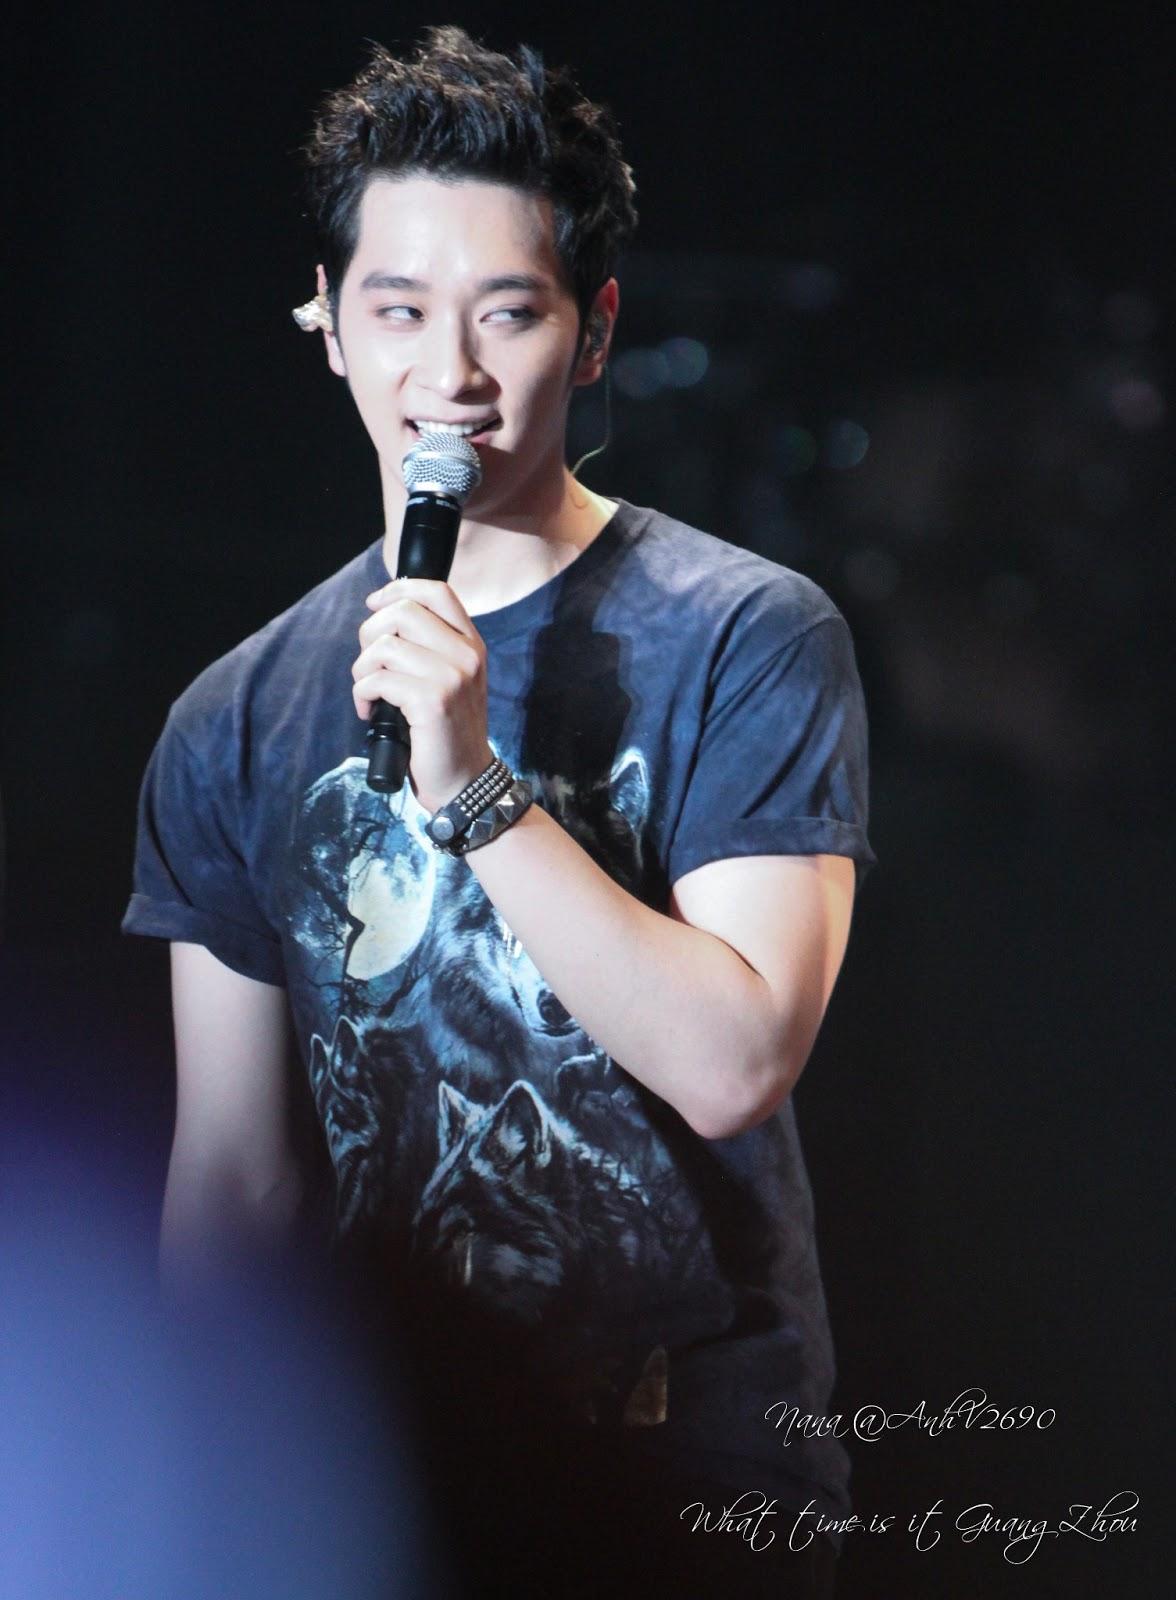 나나★NANA♥: 130330 HD PICS WTII GUANGZHOU HWANG CHANSUNG!!!! Hwang Chansung 2013